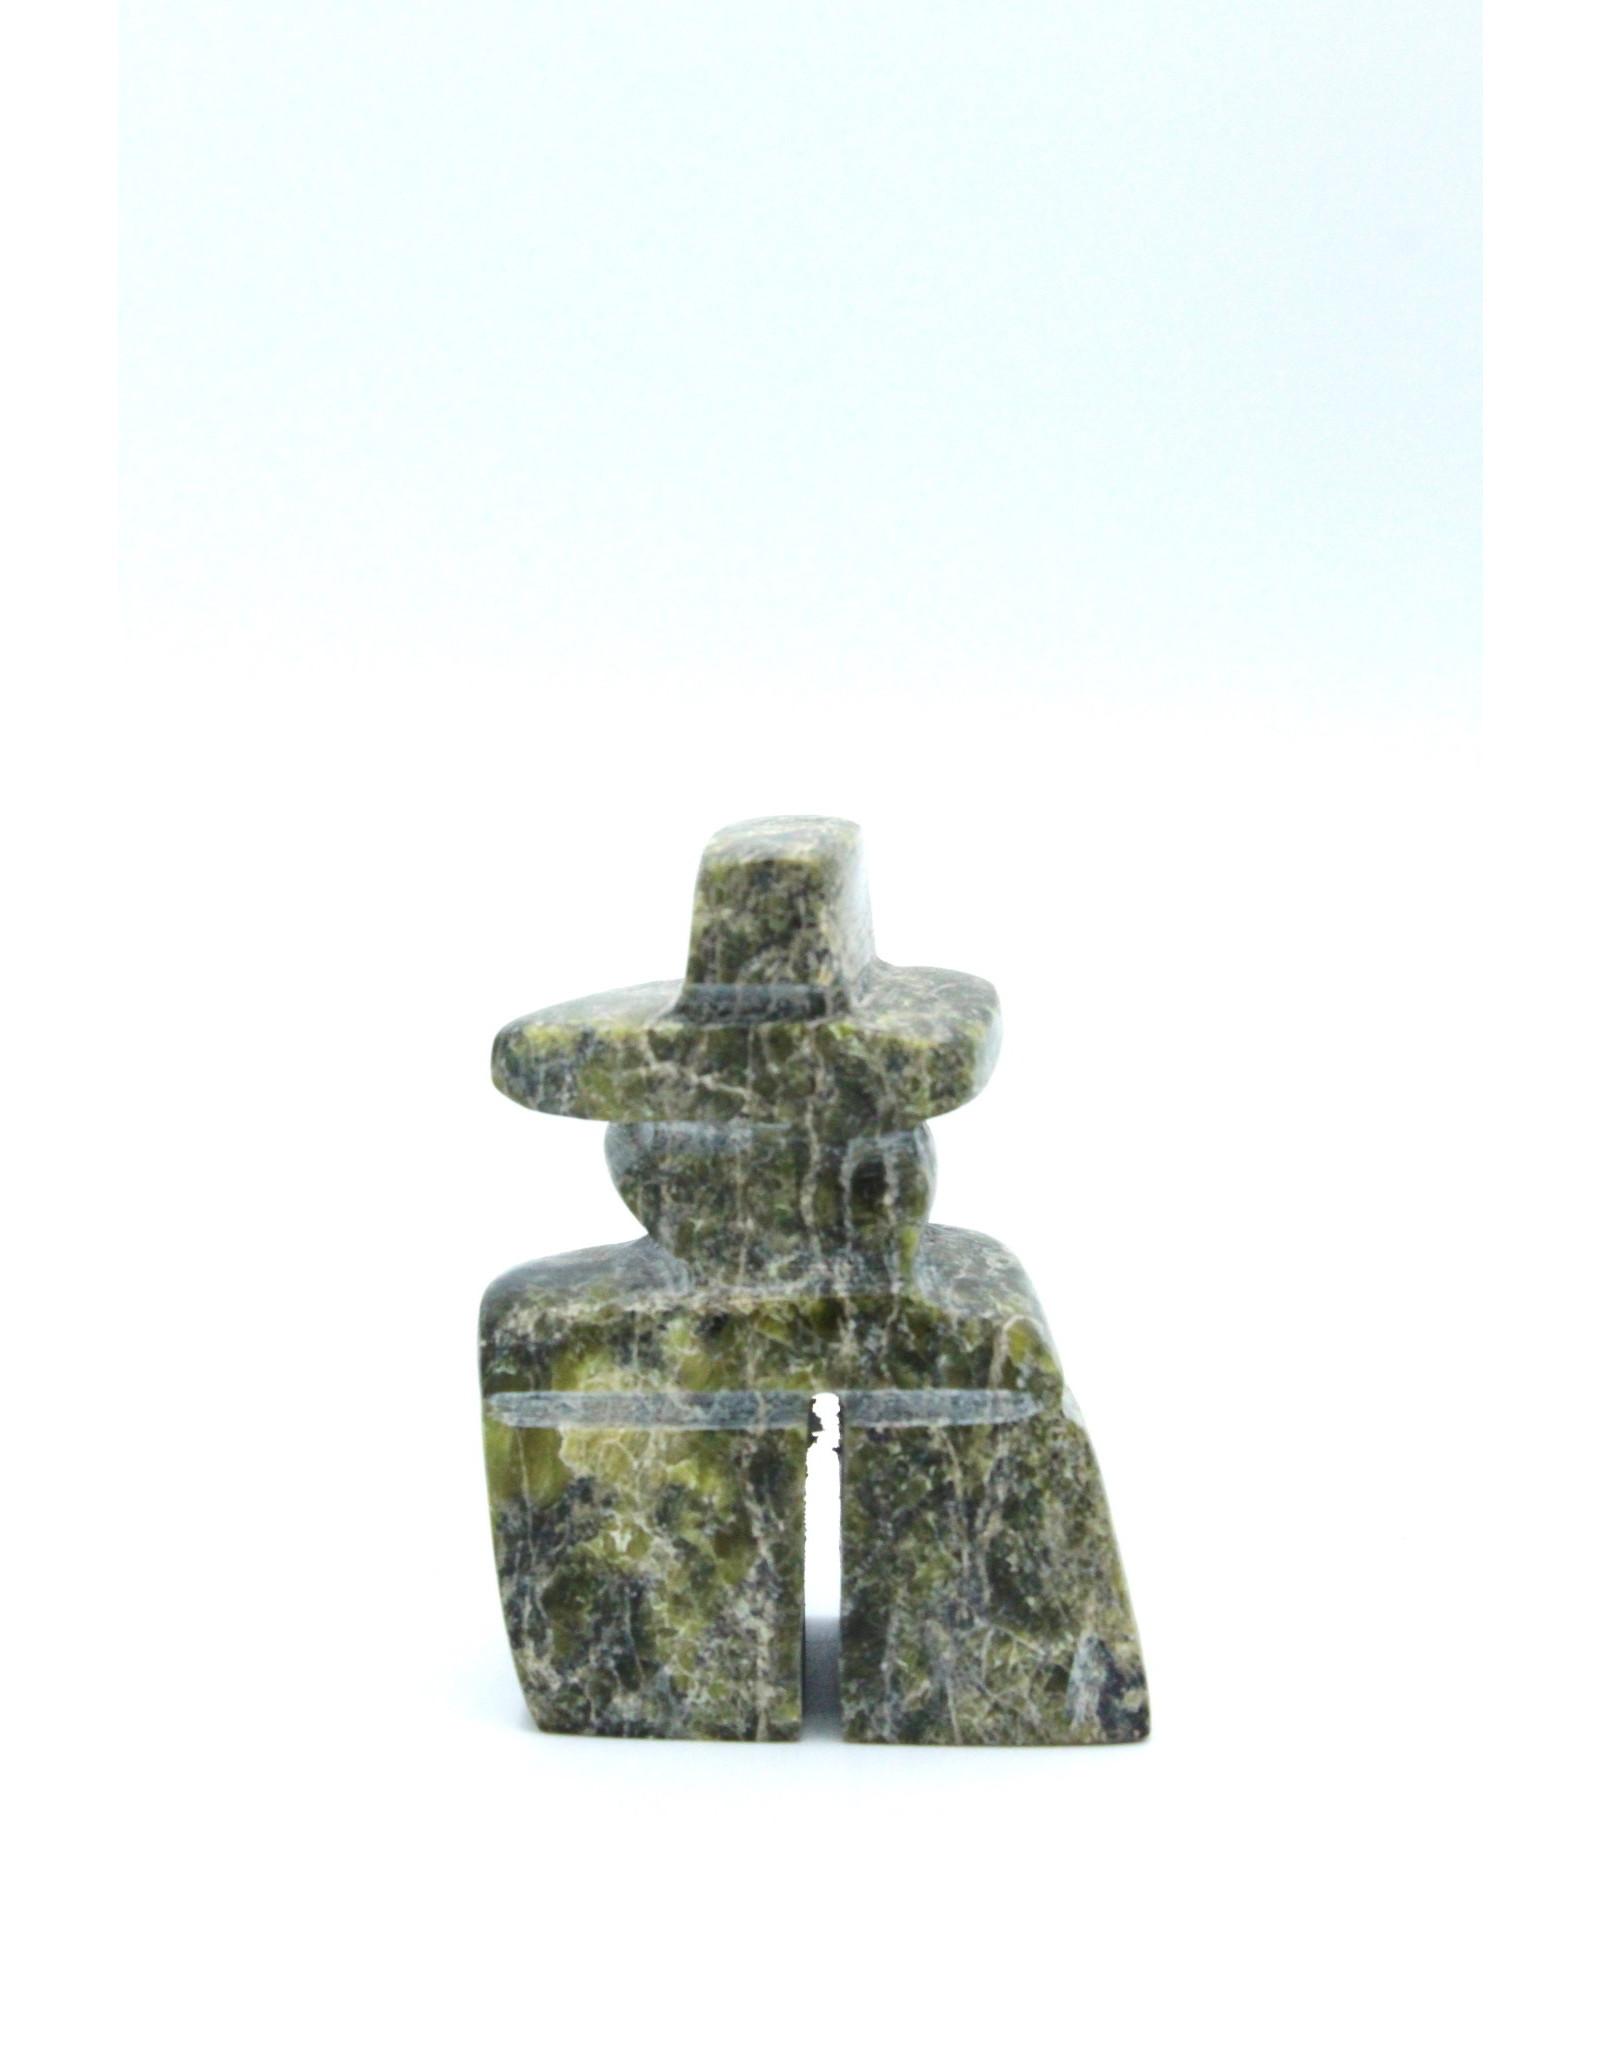 188-1266003 Inukshuk by Gii Etungat